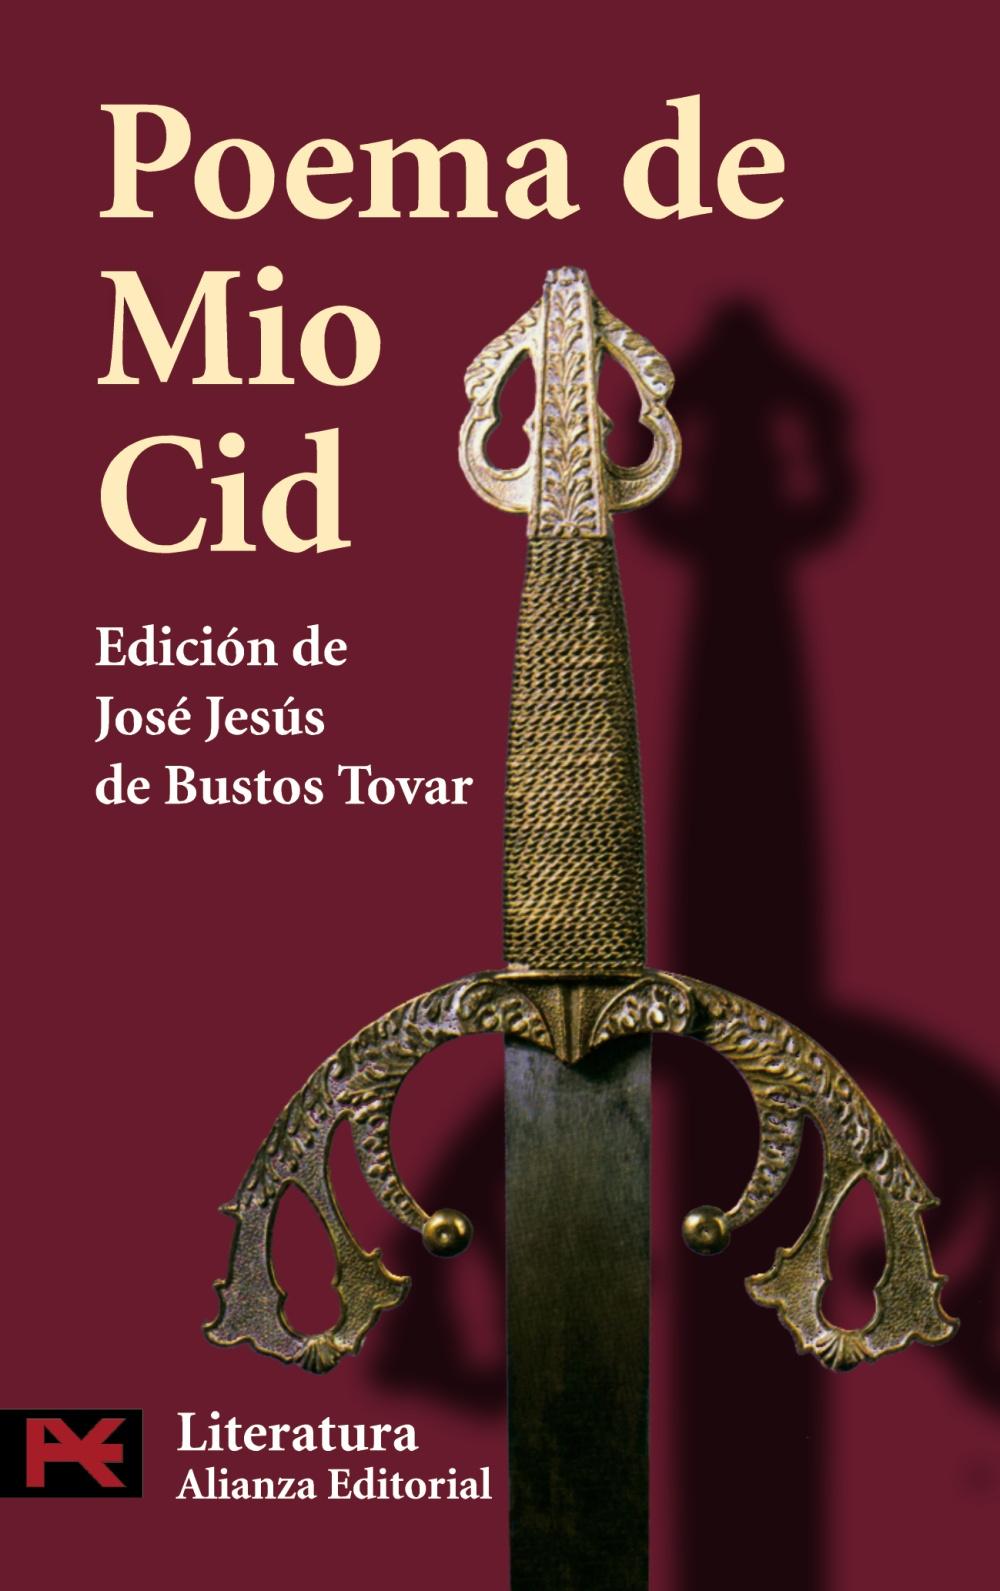 Poema De Mío Cid Alianza Editorial